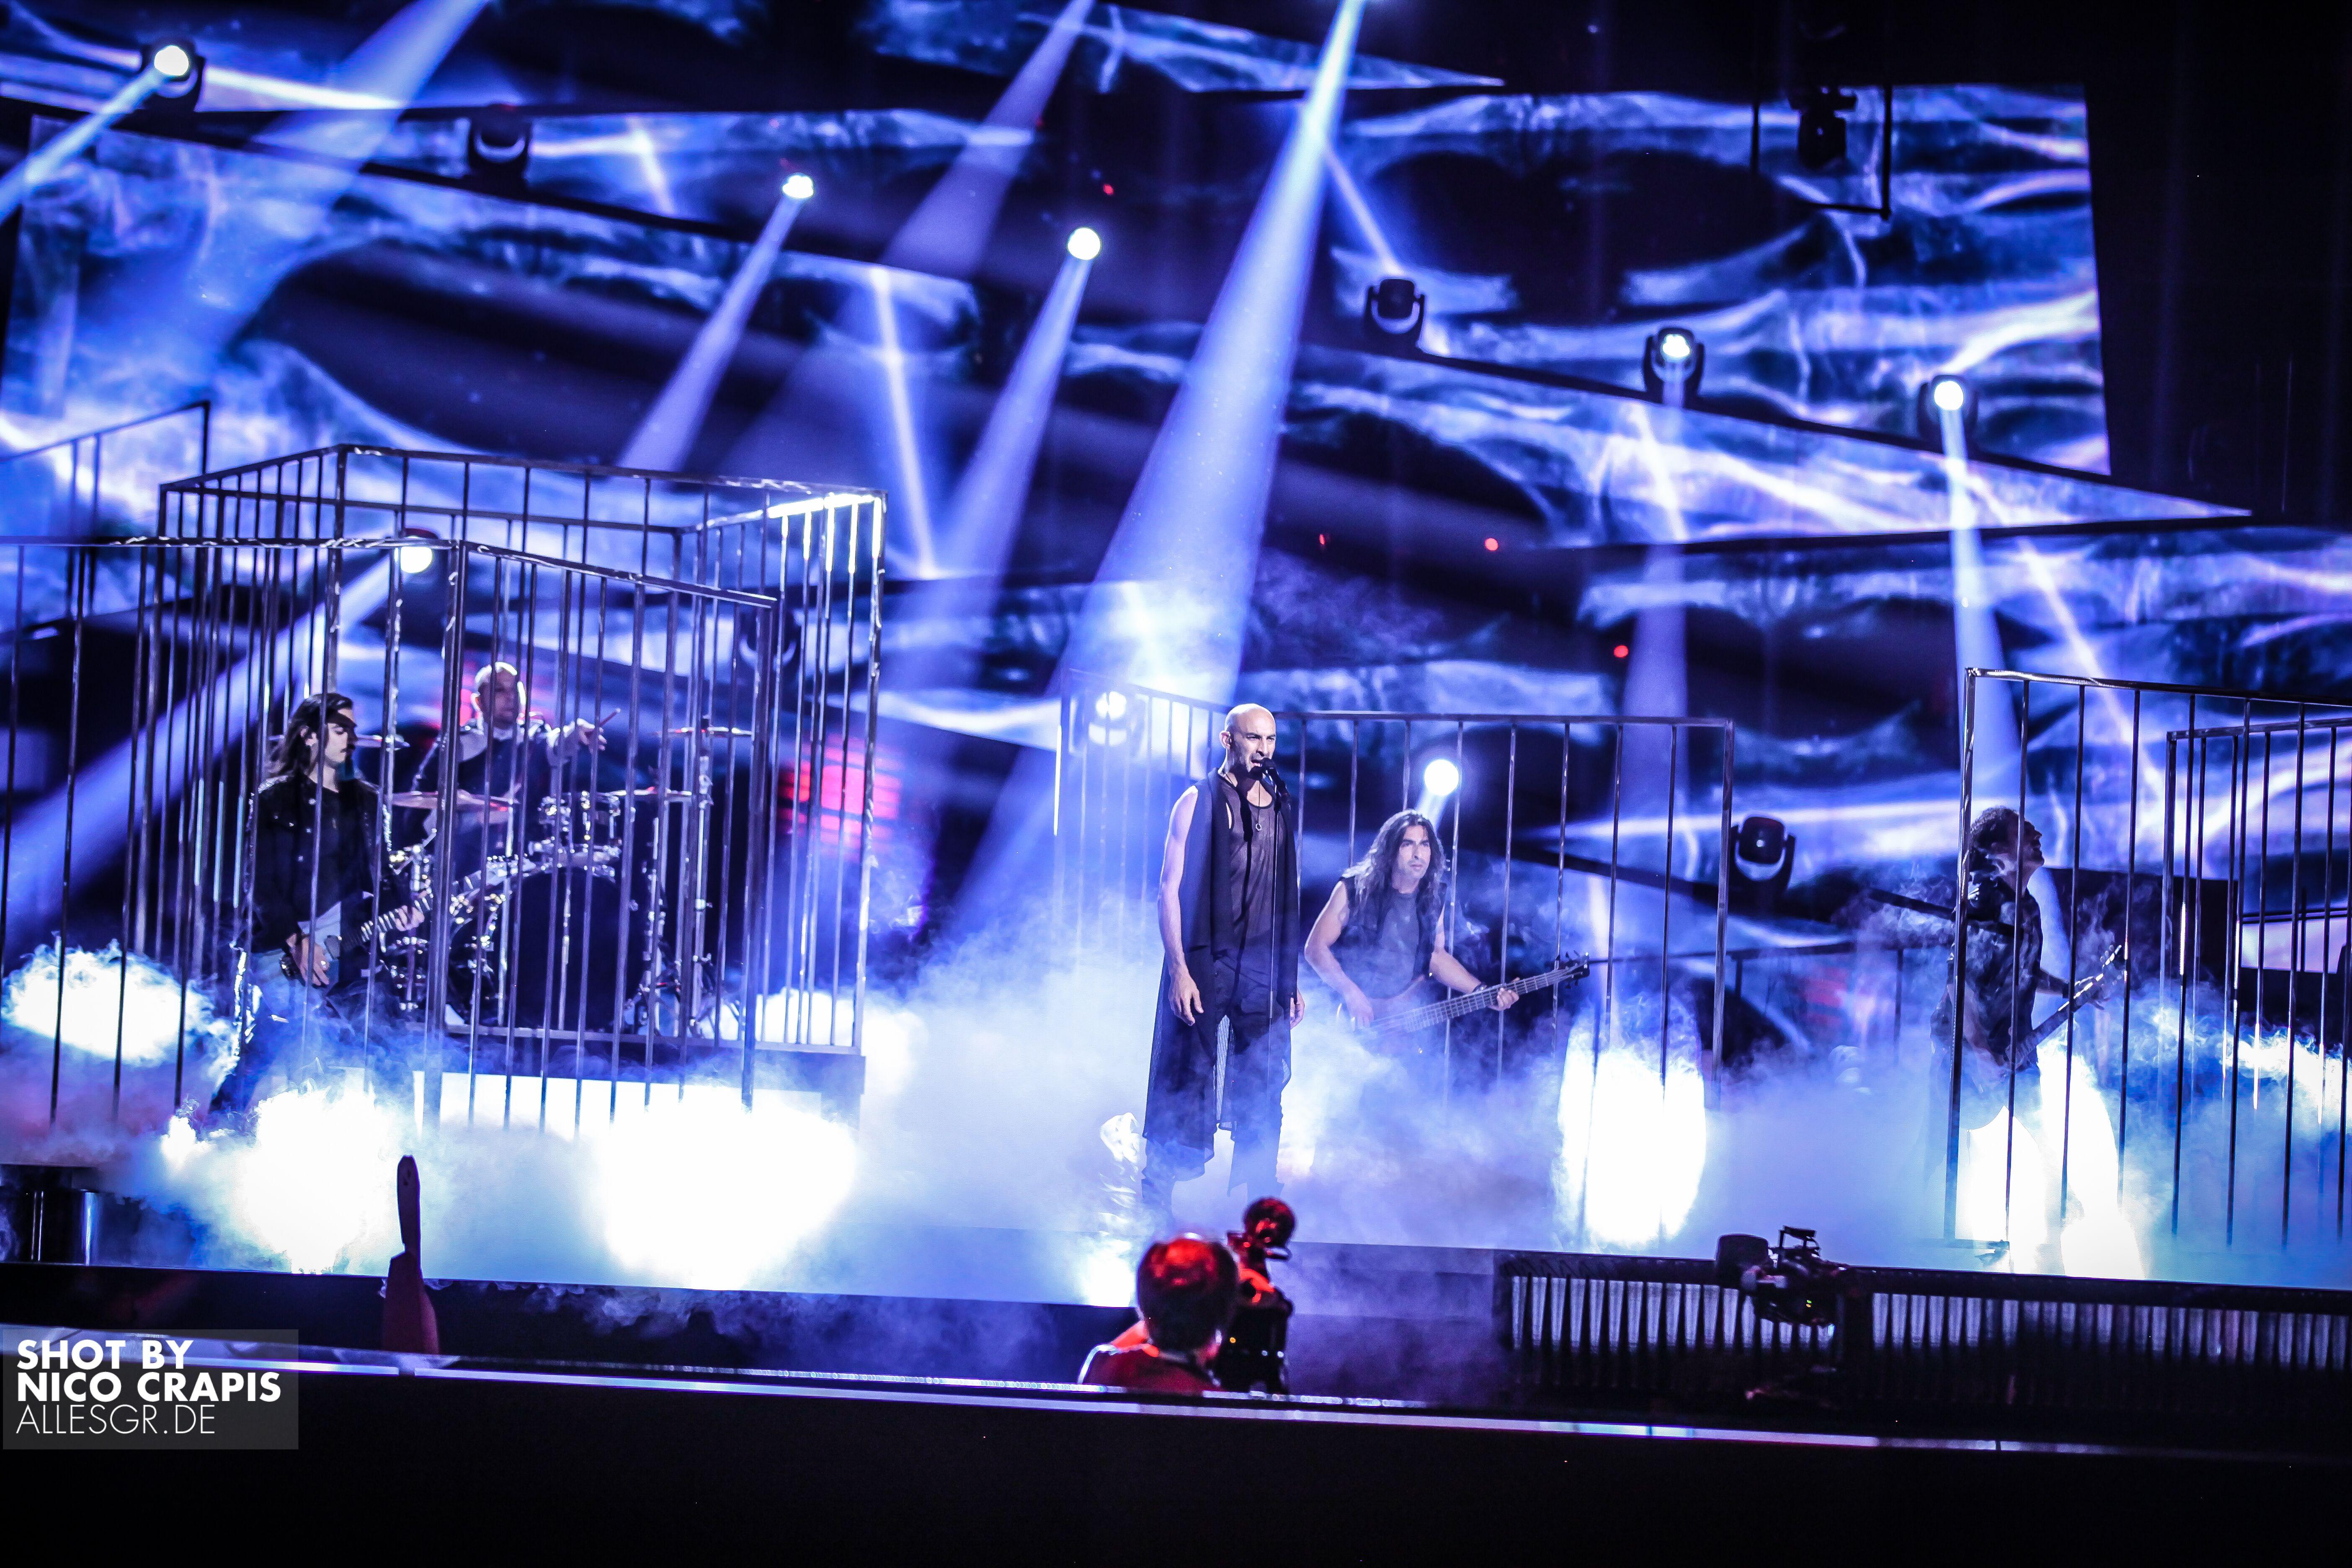 Απόψε ο μεγάλος τελικός της Eurovision στη Στοκχόλμη